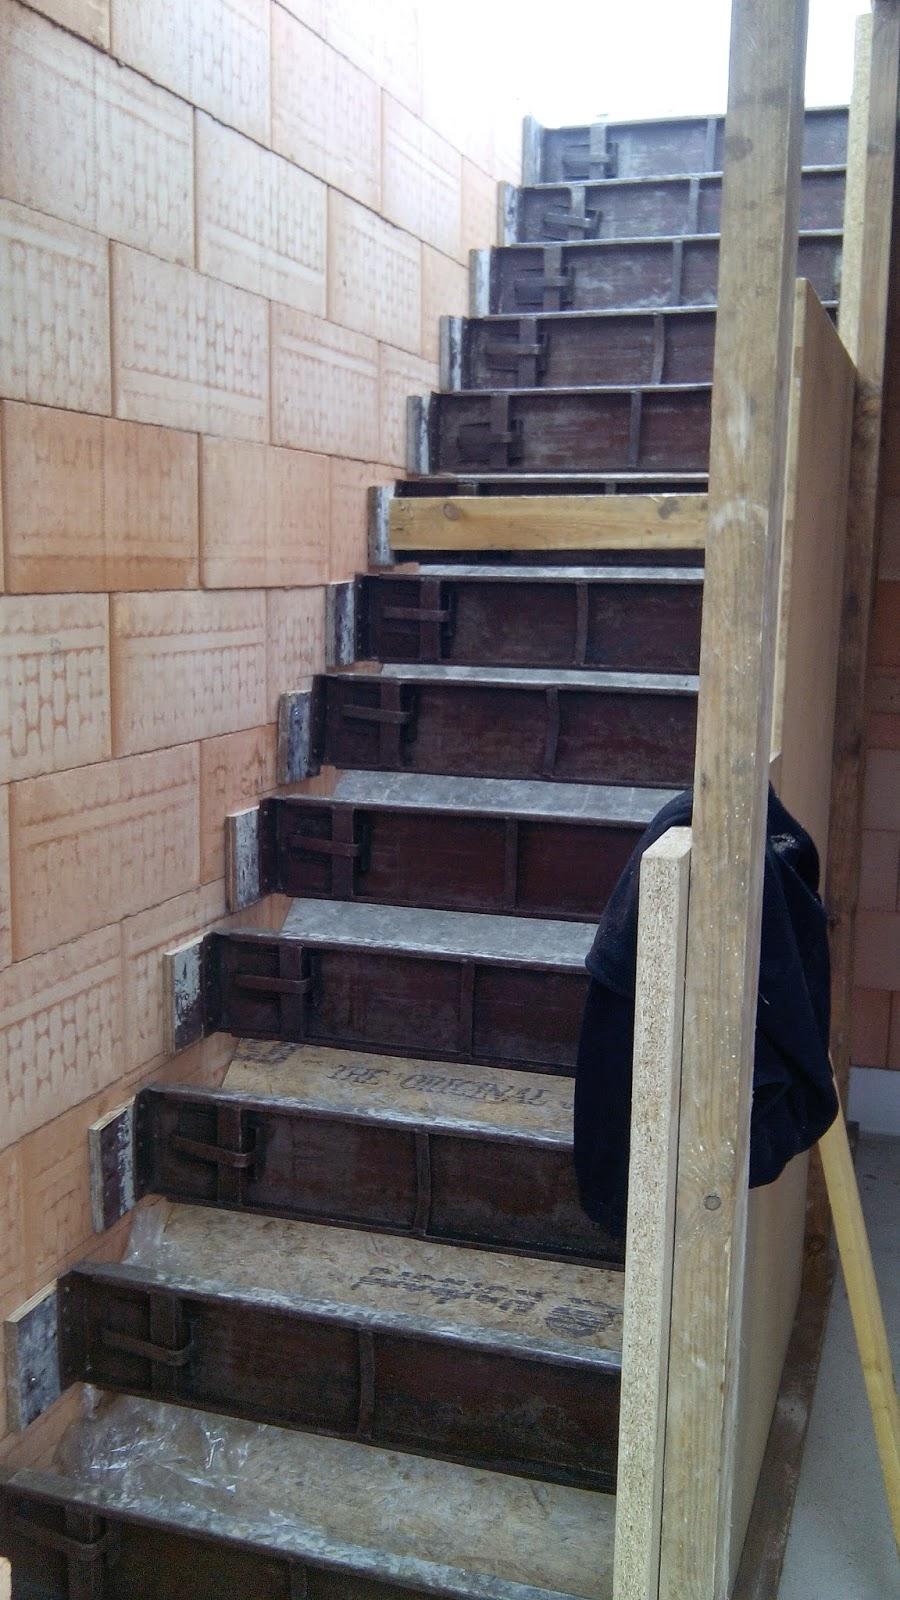 Bram jolina gaan bouwen bekisten trap en andere voorbereidingen gieten beton op de welvingen - Eigentijds trap beton ...